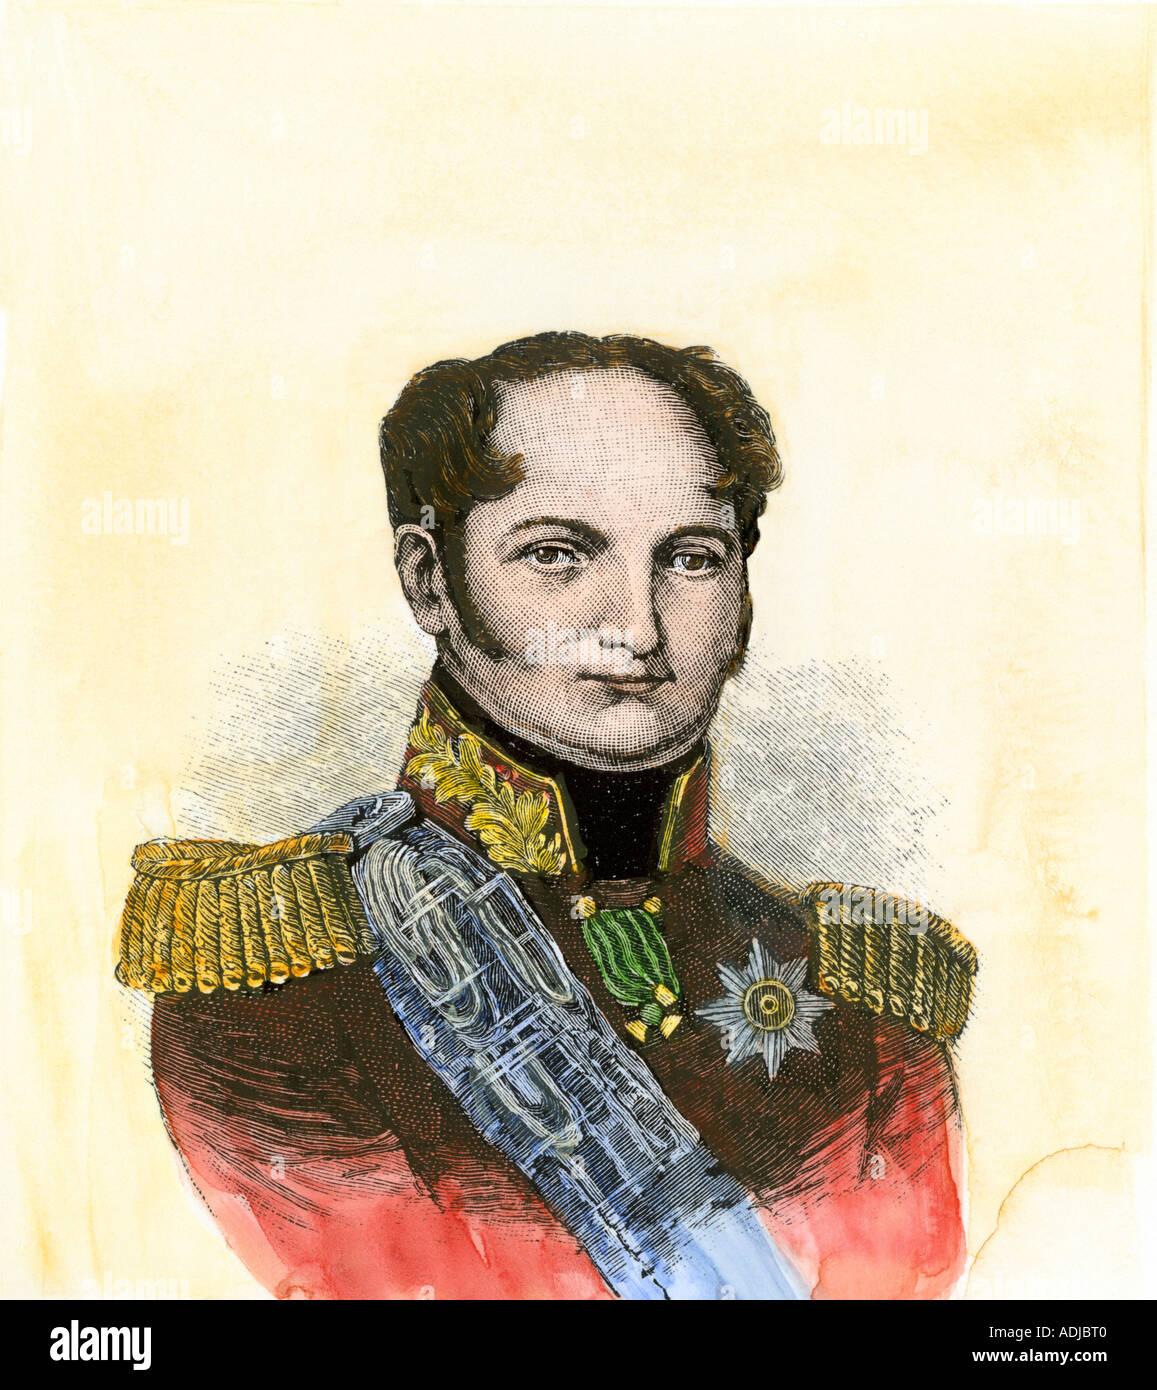 Alexander I empereur de Russie. À la main, gravure sur bois Photo Stock